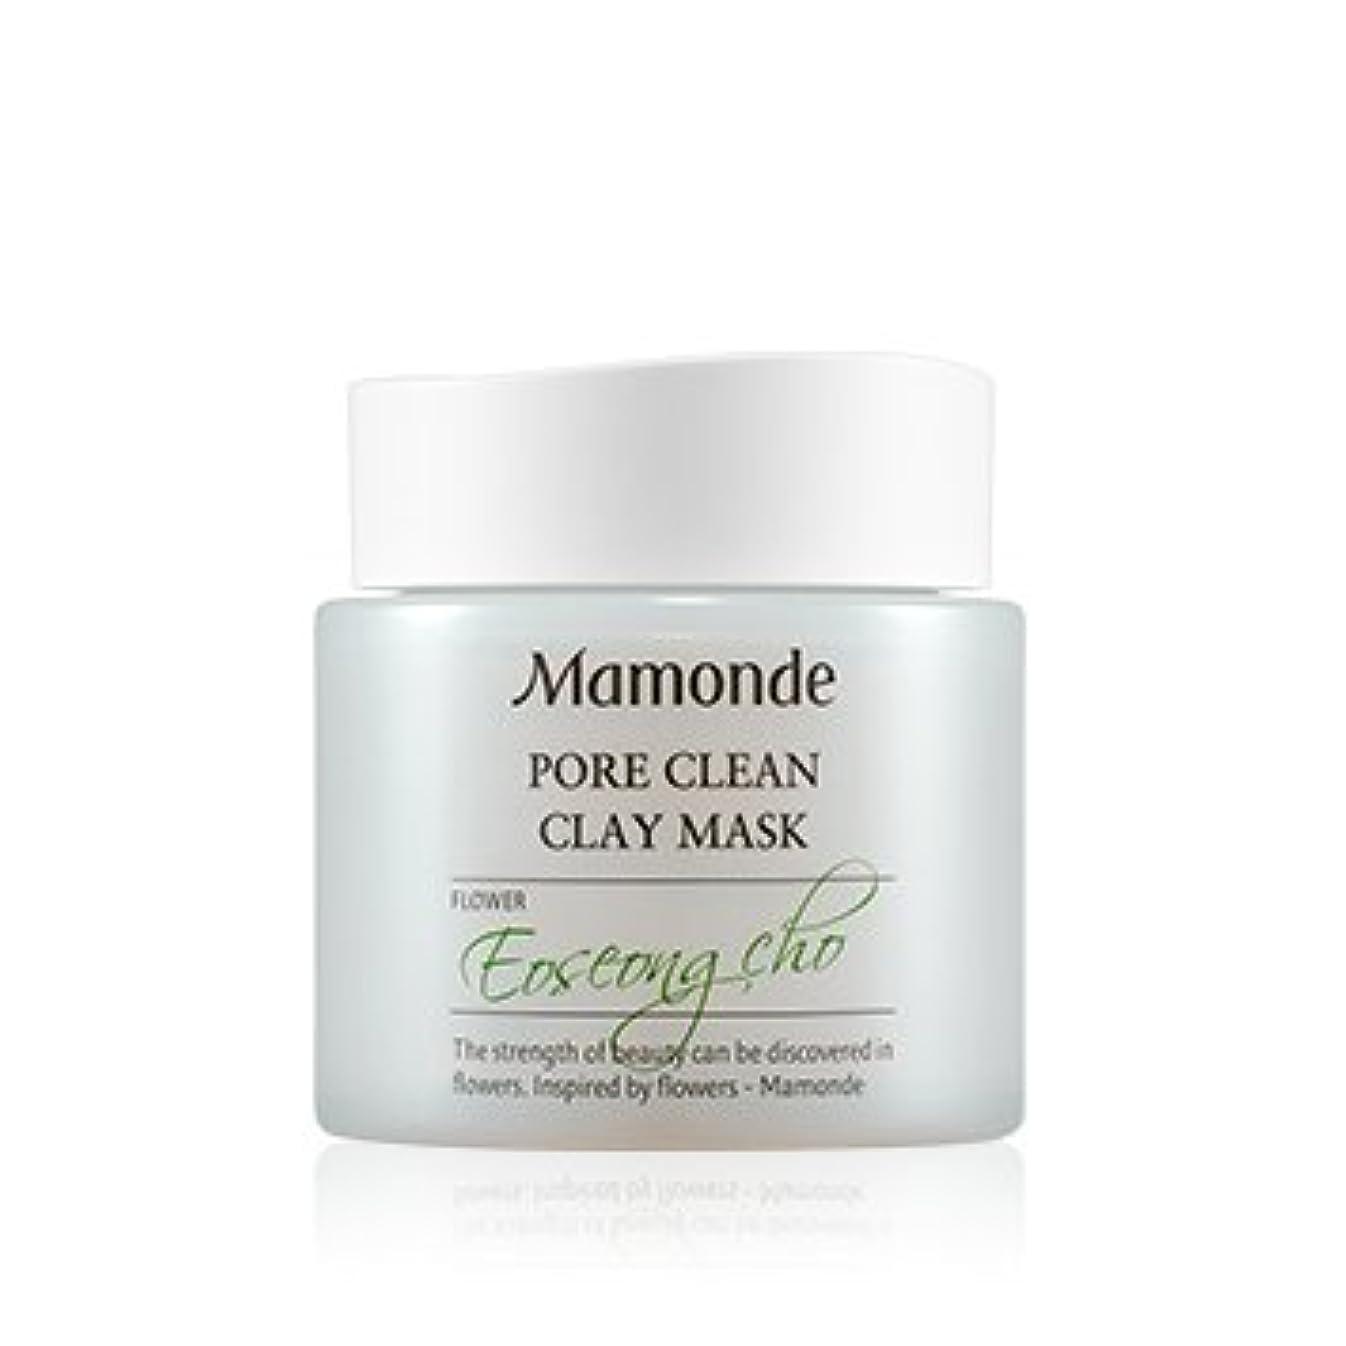 考古学的な主張公然と[New] Mamonde Pore Clean Clay Mask 100ml/マモンド ポア クリーン クレイ マスク 100ml [並行輸入品]